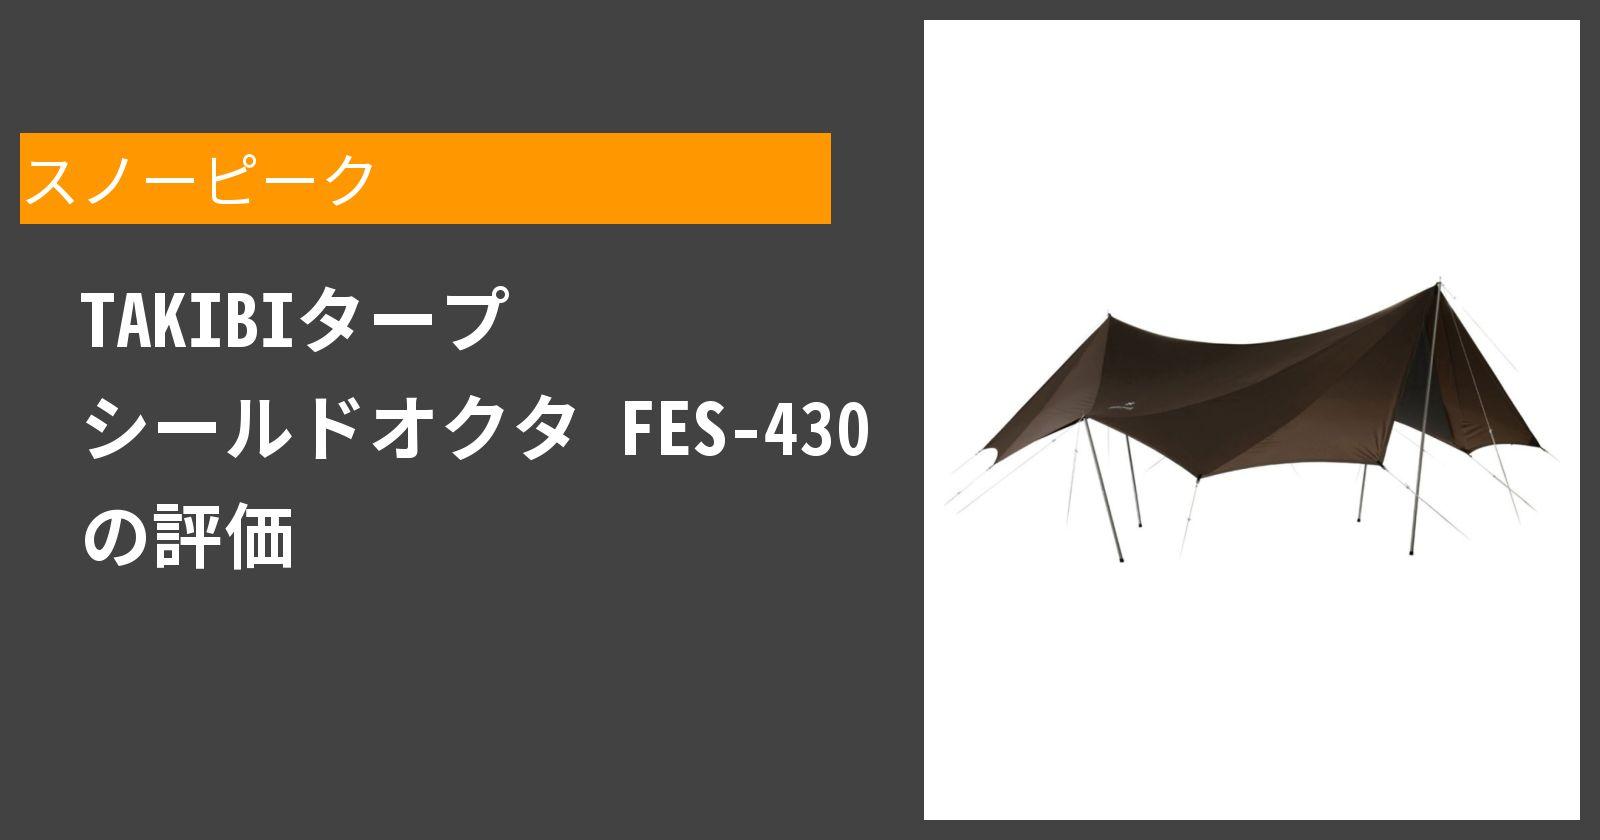 TAKIBIタープ シールドオクタ FES-430を徹底評価